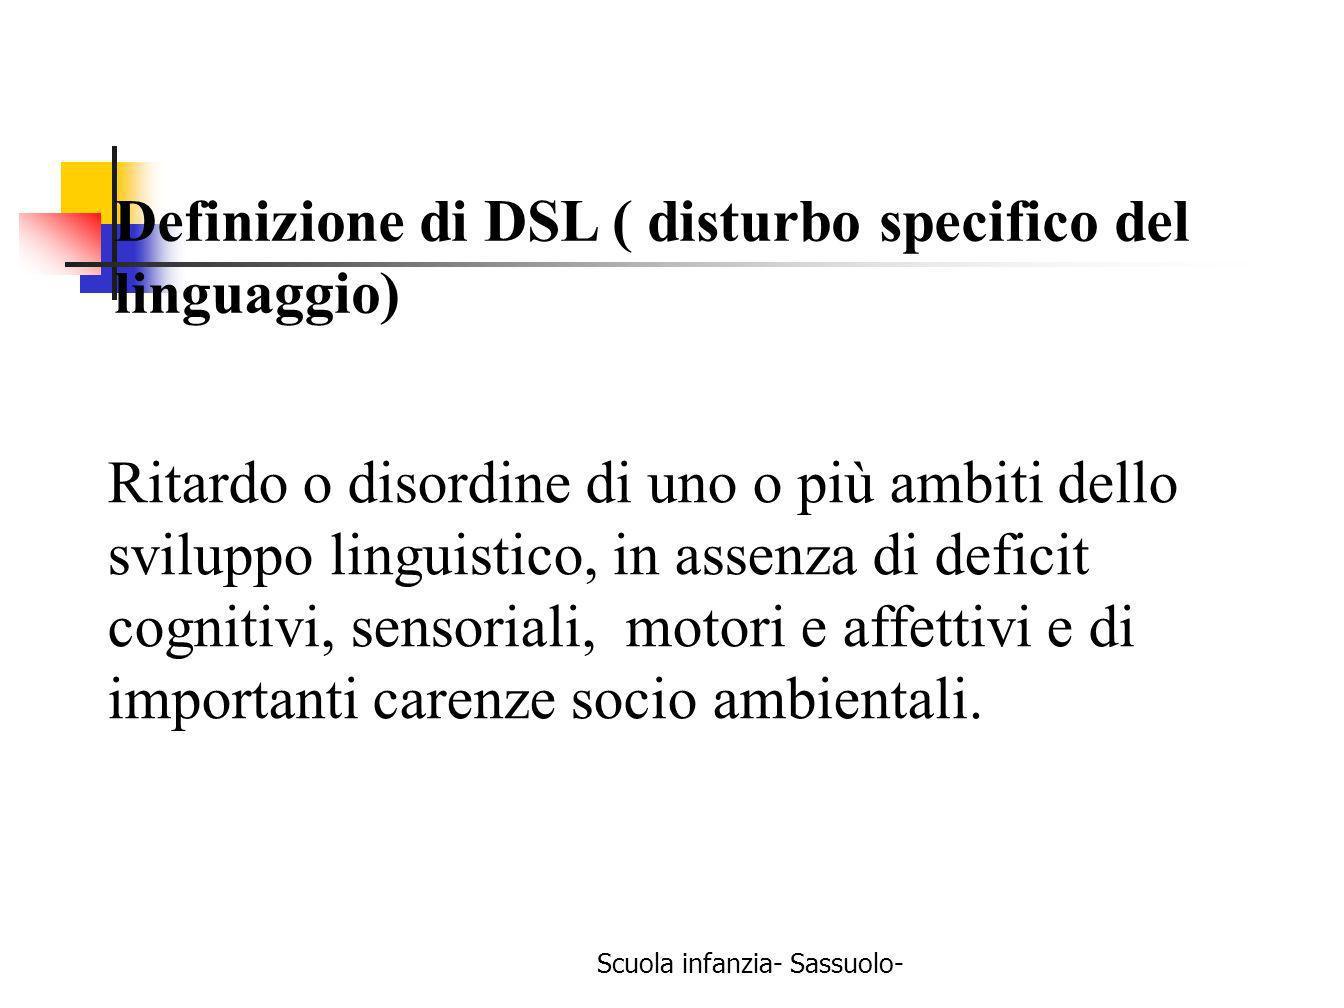 Scuola infanzia- Sassuolo- Definizione di DSL ( disturbo specifico del linguaggio) Ritardo o disordine di uno o più ambiti dello sviluppo linguistico,